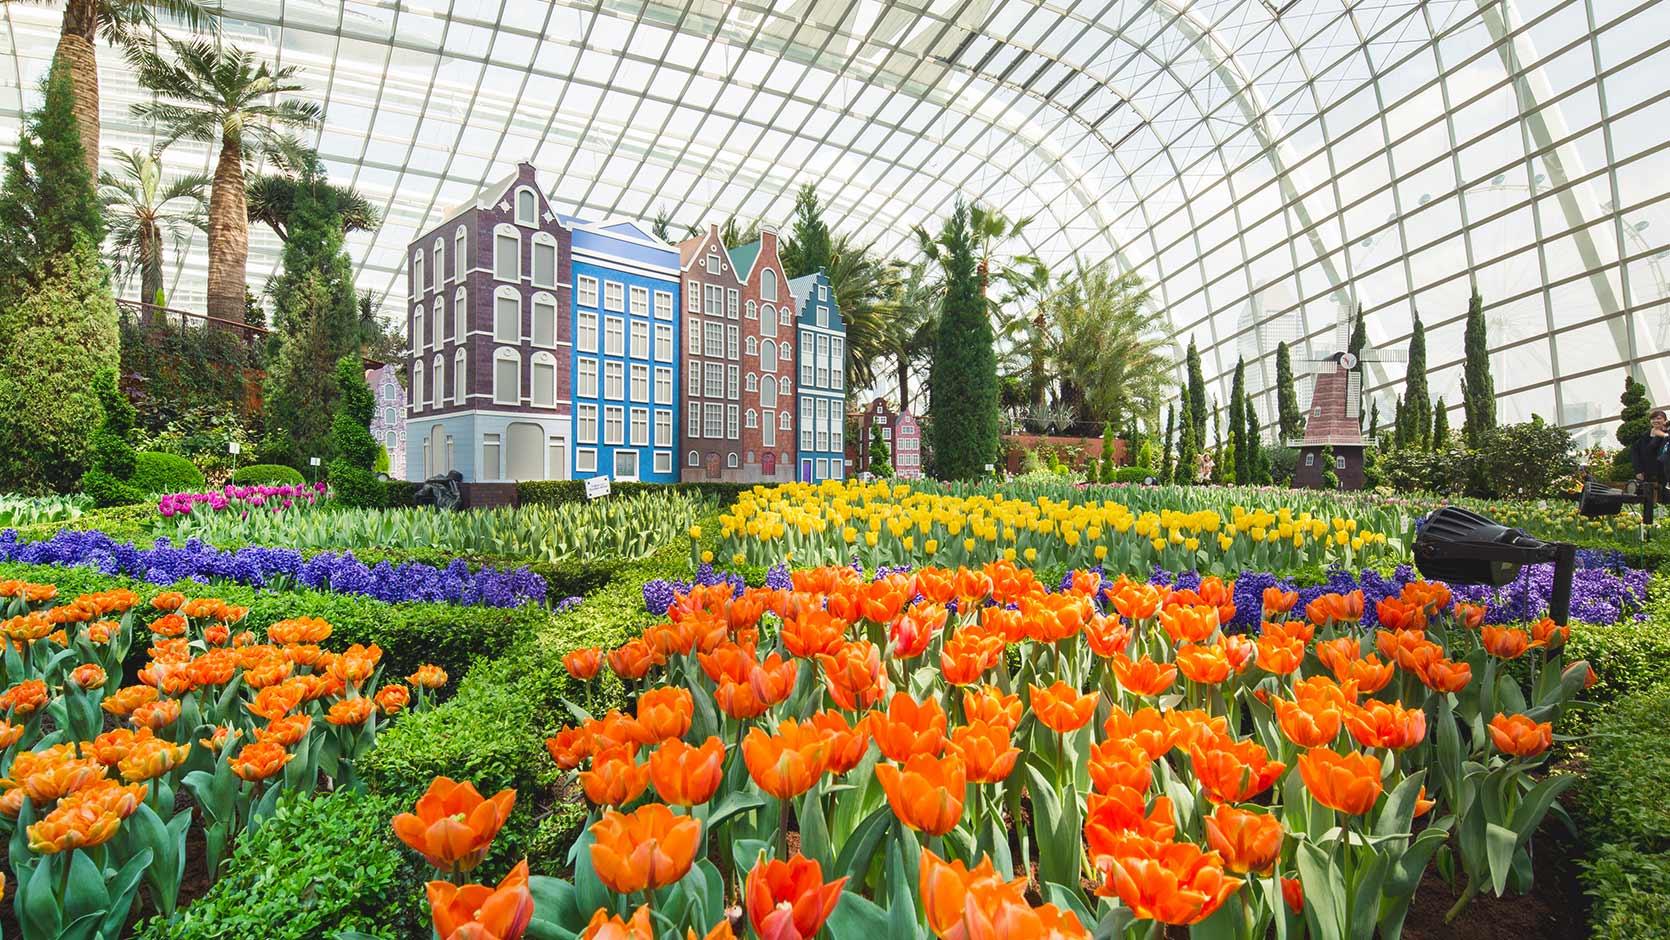 濱海公園的花芎有上千種花。相片來源:濱海公園官方網站。